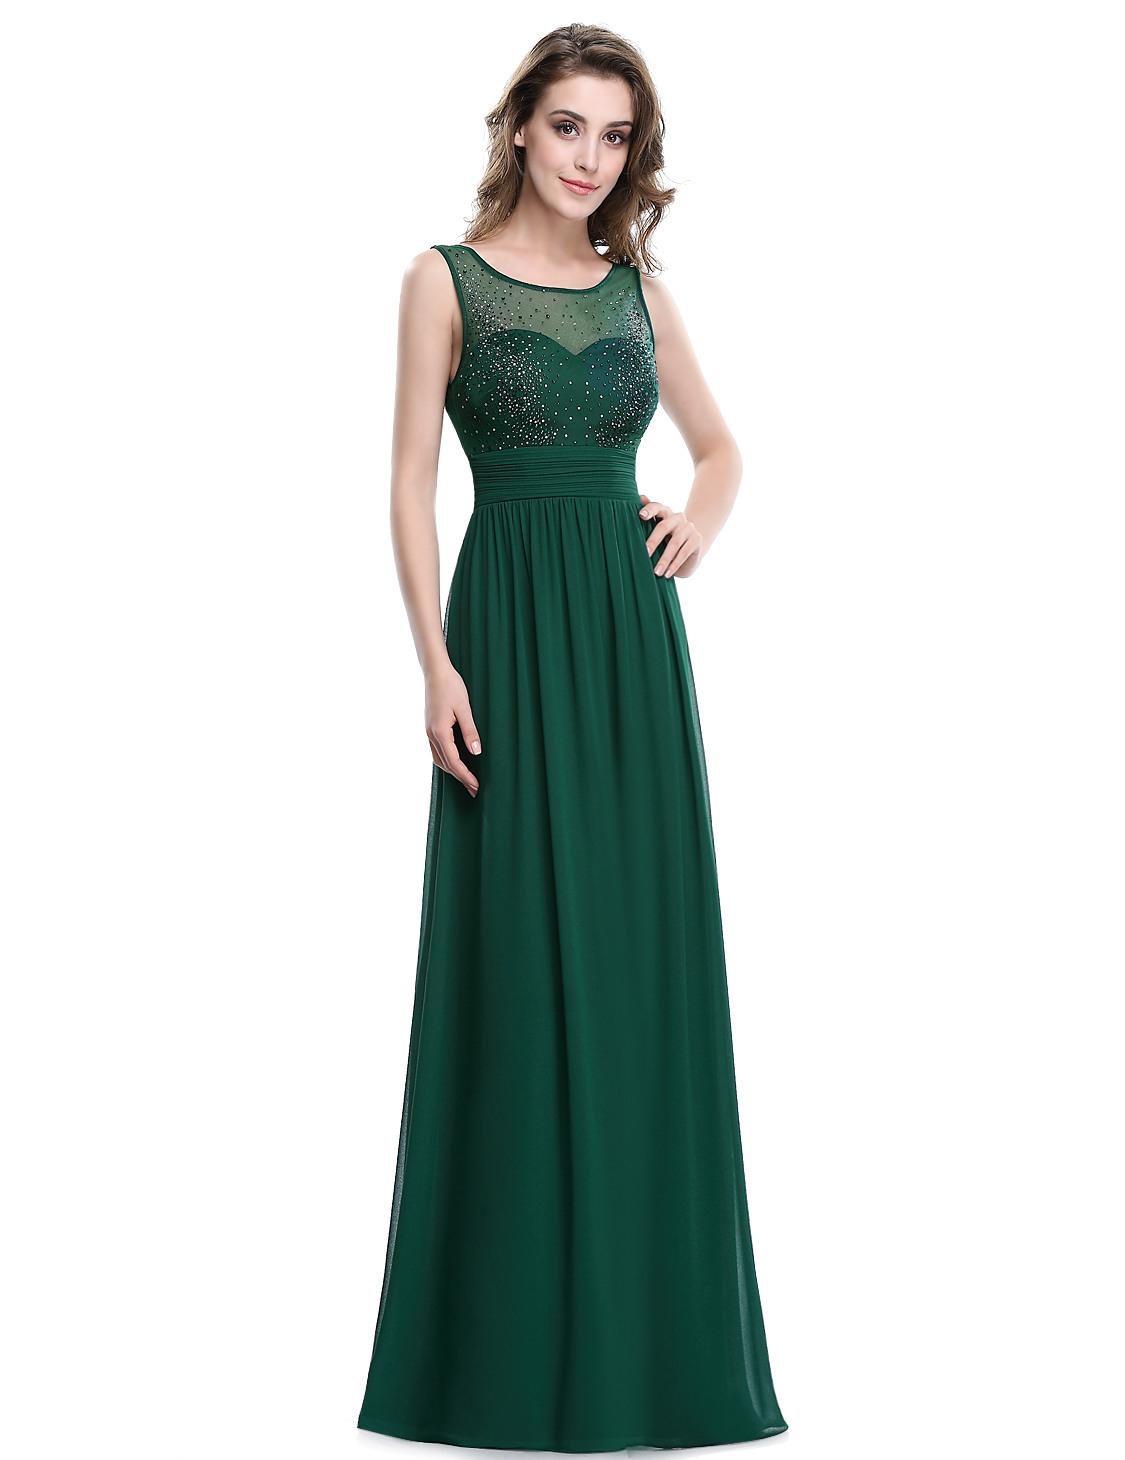 Formal Fantastisch Abendkleid In Grün Spezialgebiet10 Genial Abendkleid In Grün für 2019